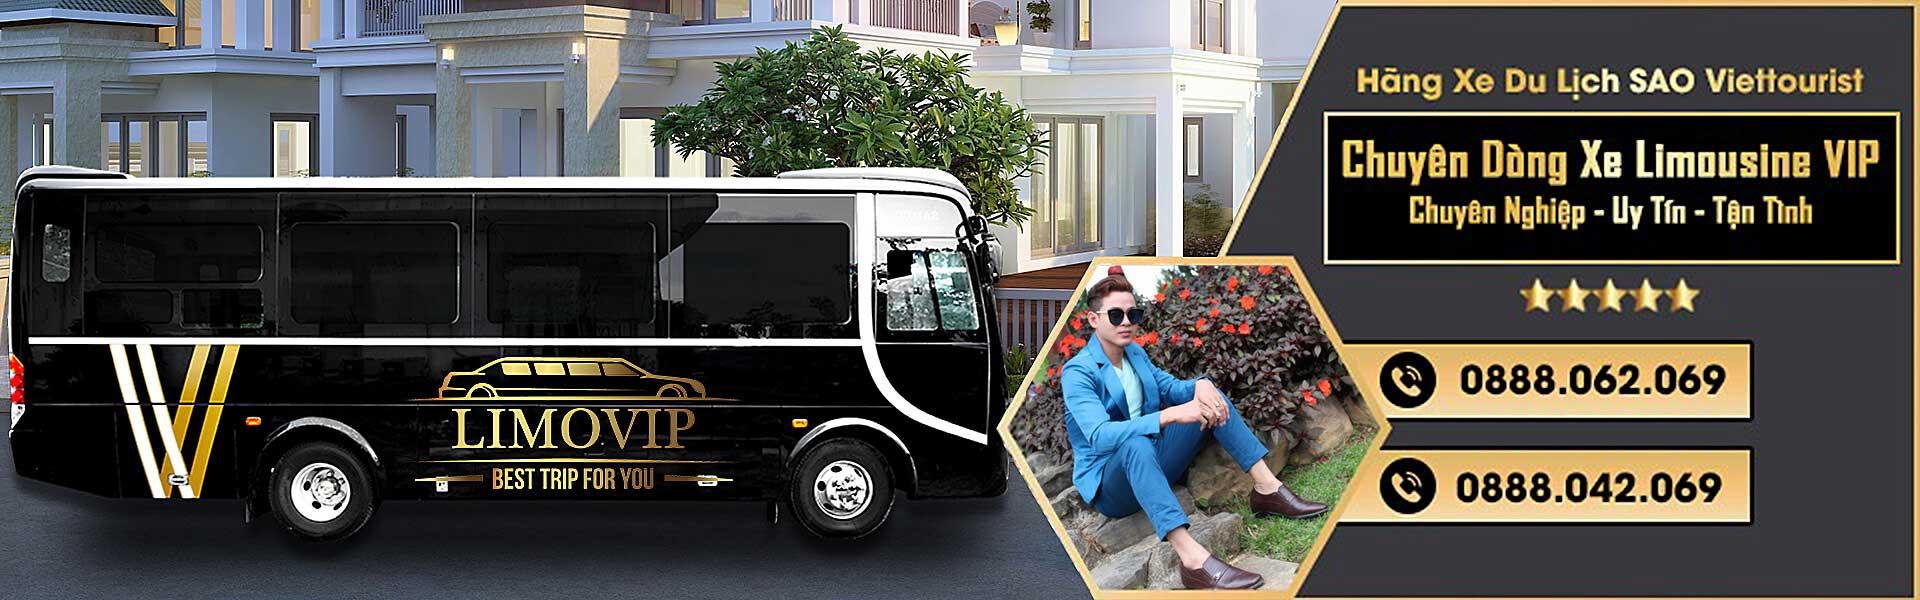 Thuê Xe Limousine Cao Cấp Giá Rẻ Tại TPHCM - Hãng Xe LIMOVIP